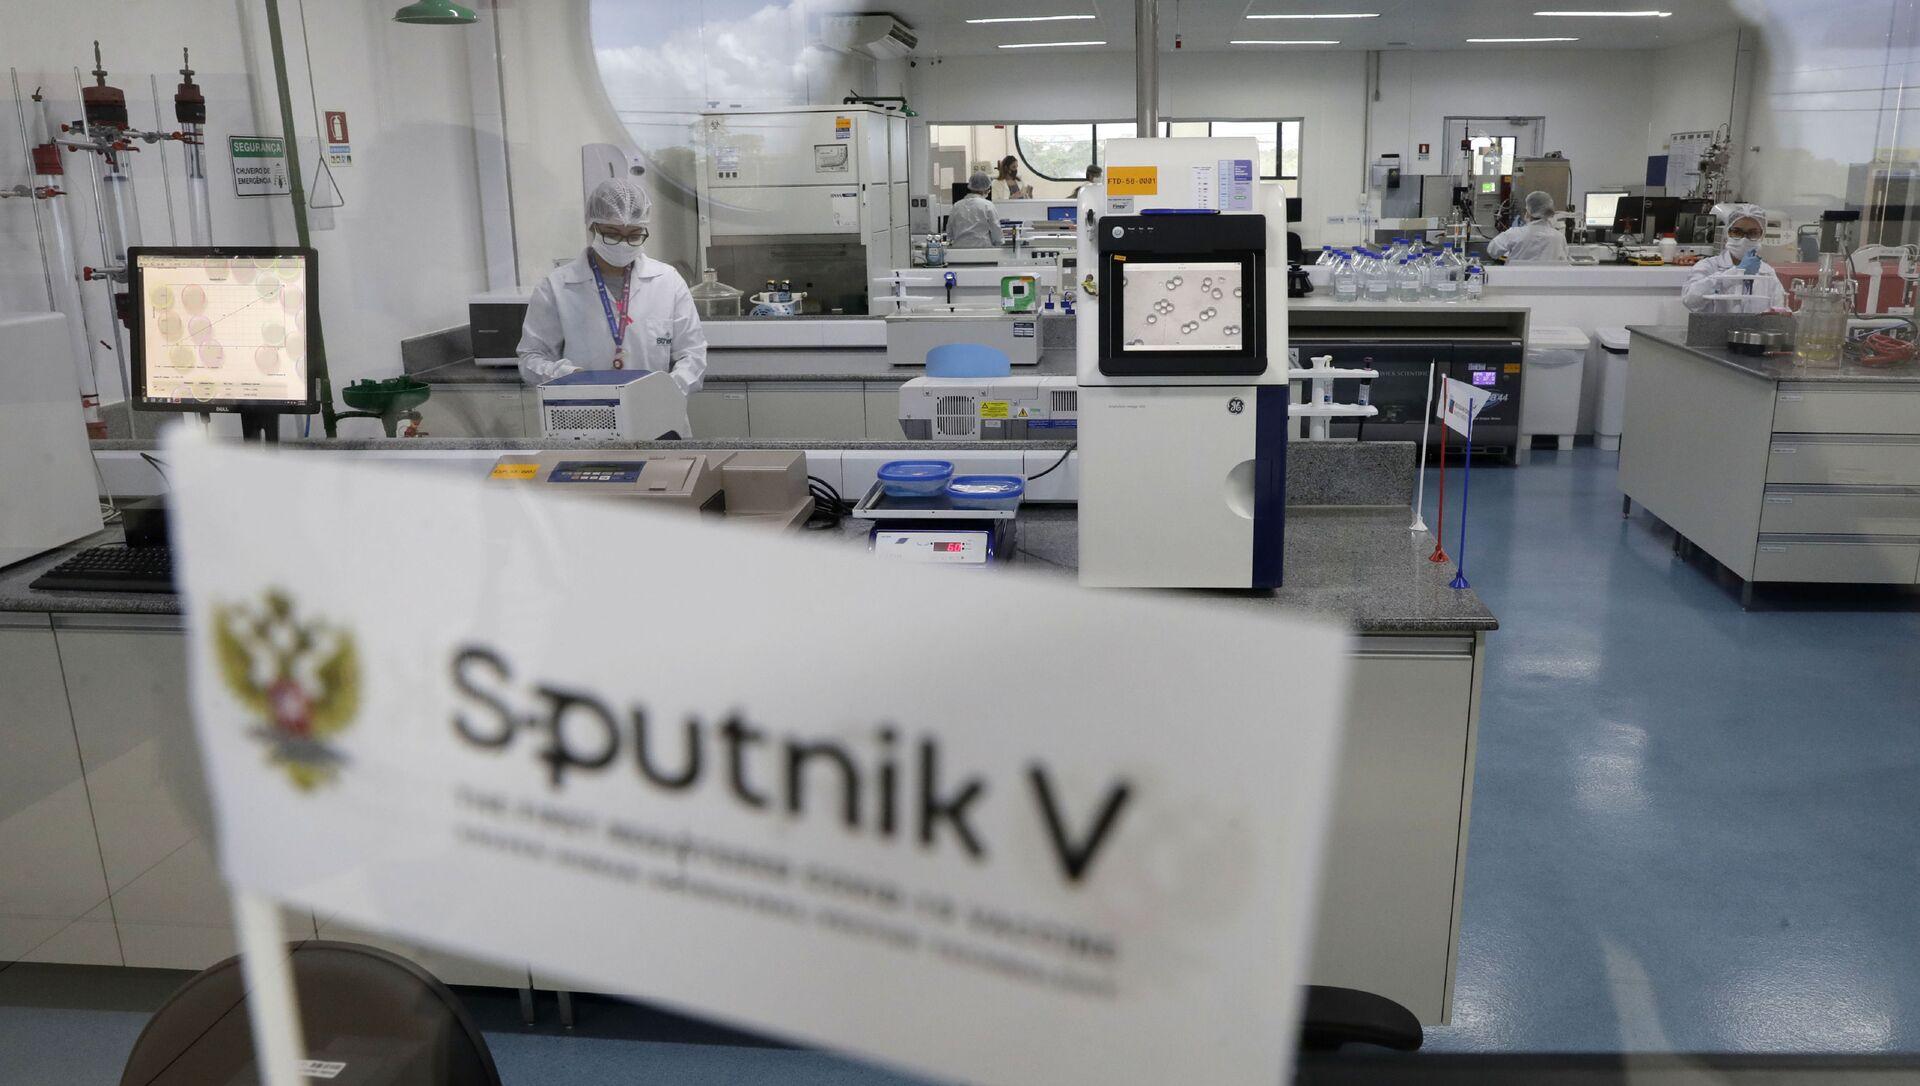 ロシア製コロナワクチン「スプートニクV」 - Sputnik 日本, 1920, 07.02.2021